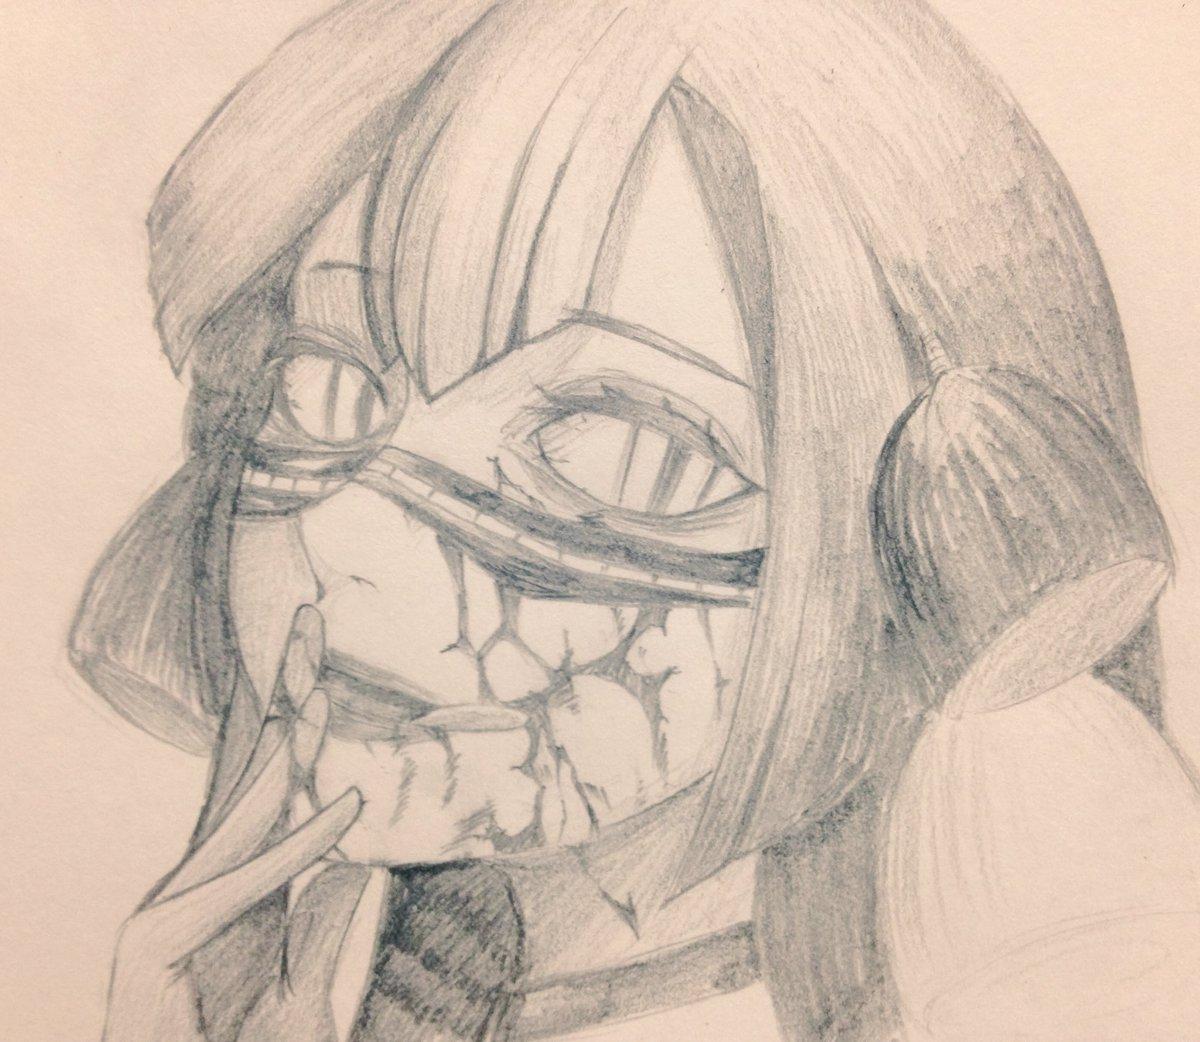 ナッツクラッカー描きました漫画で顔だしたとき不覚にも可愛いと思ったッス#東京喰種 #東京喰種好きと繋がりたい #イラスト